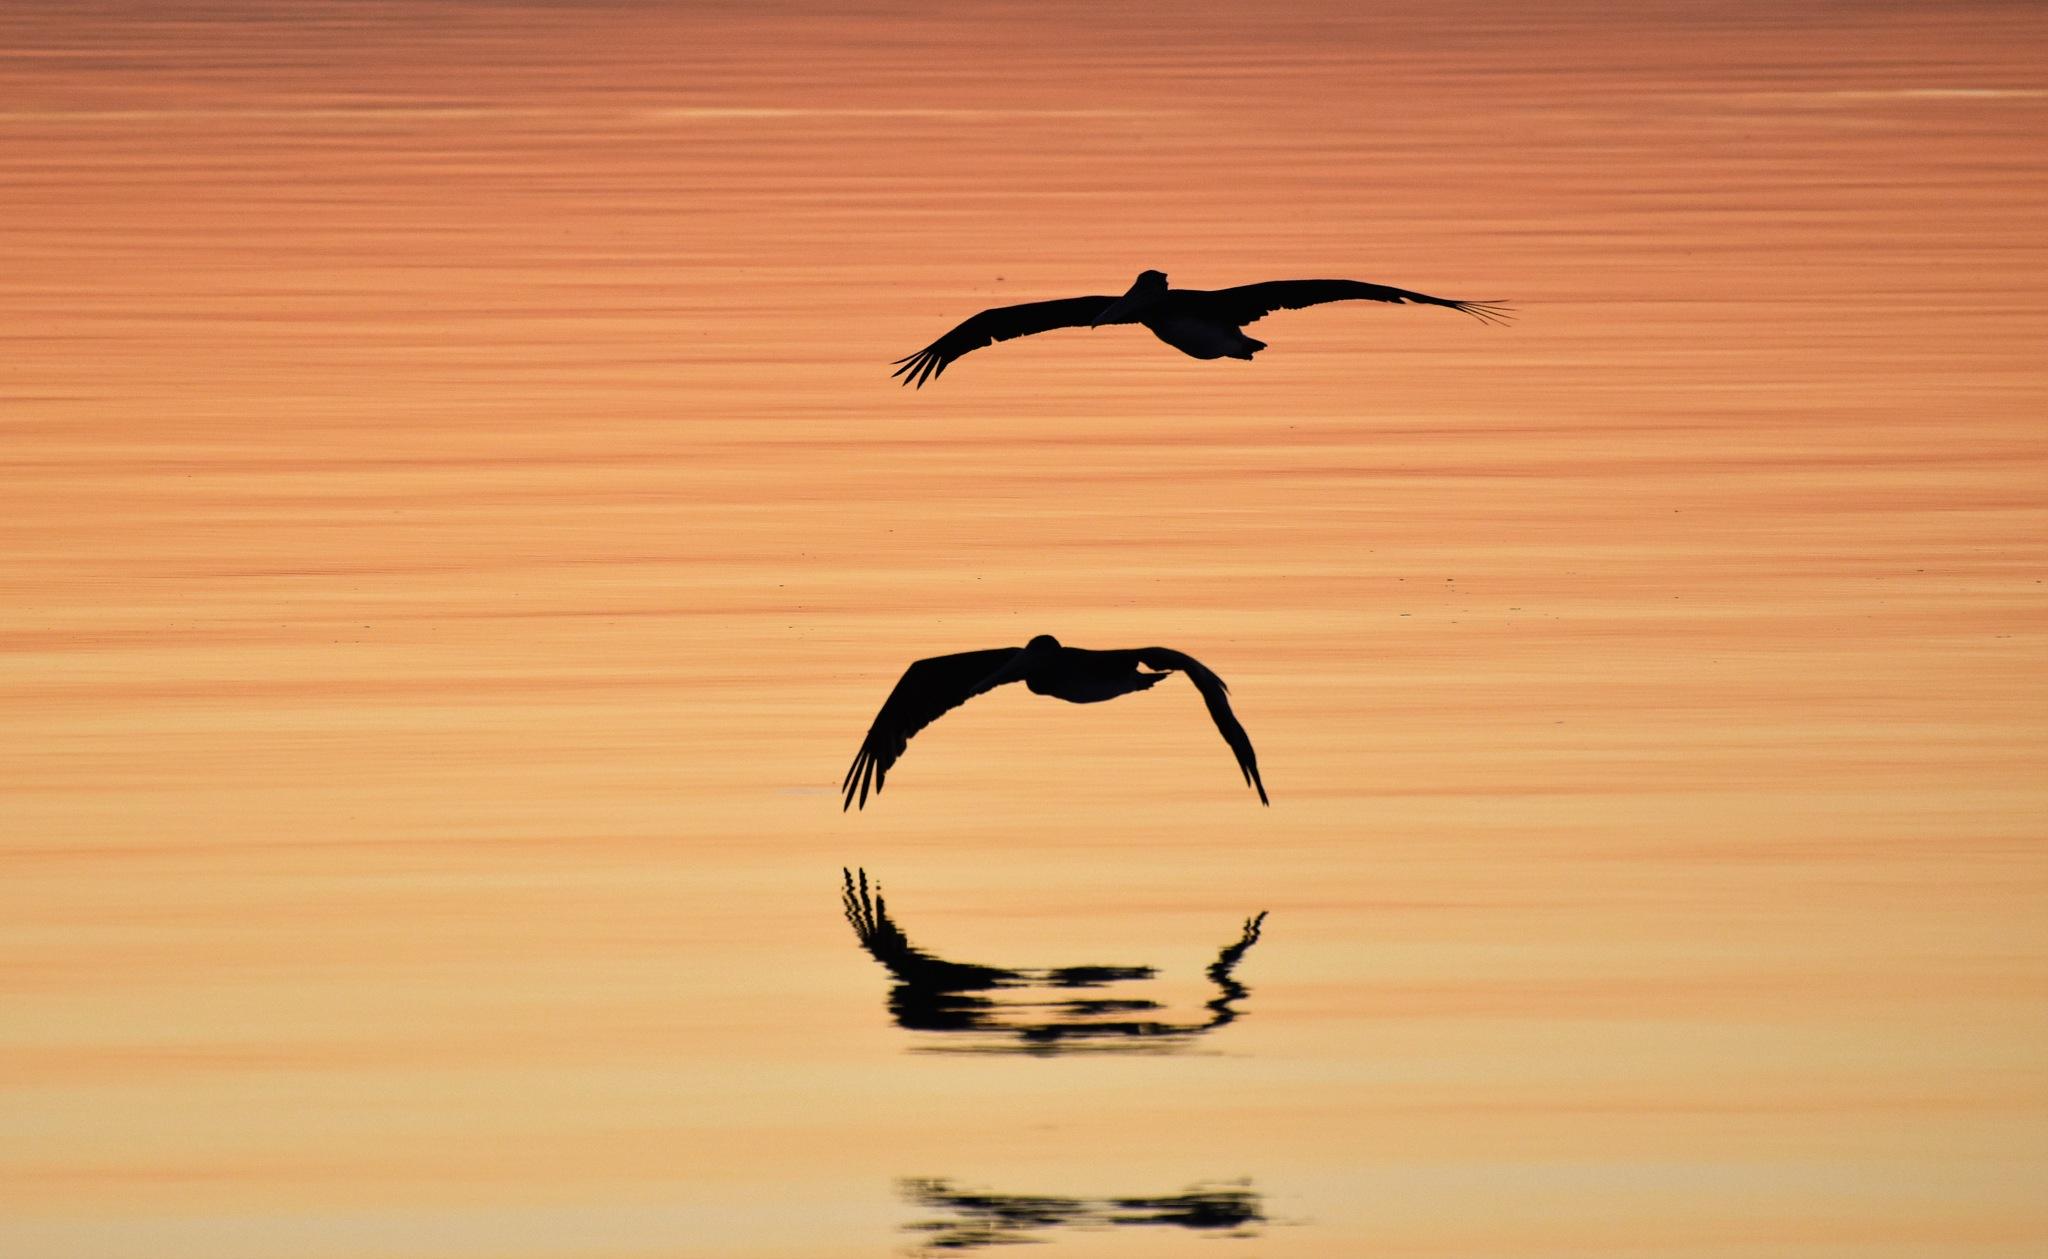 Morning Flight by Gerard Francis Corbett